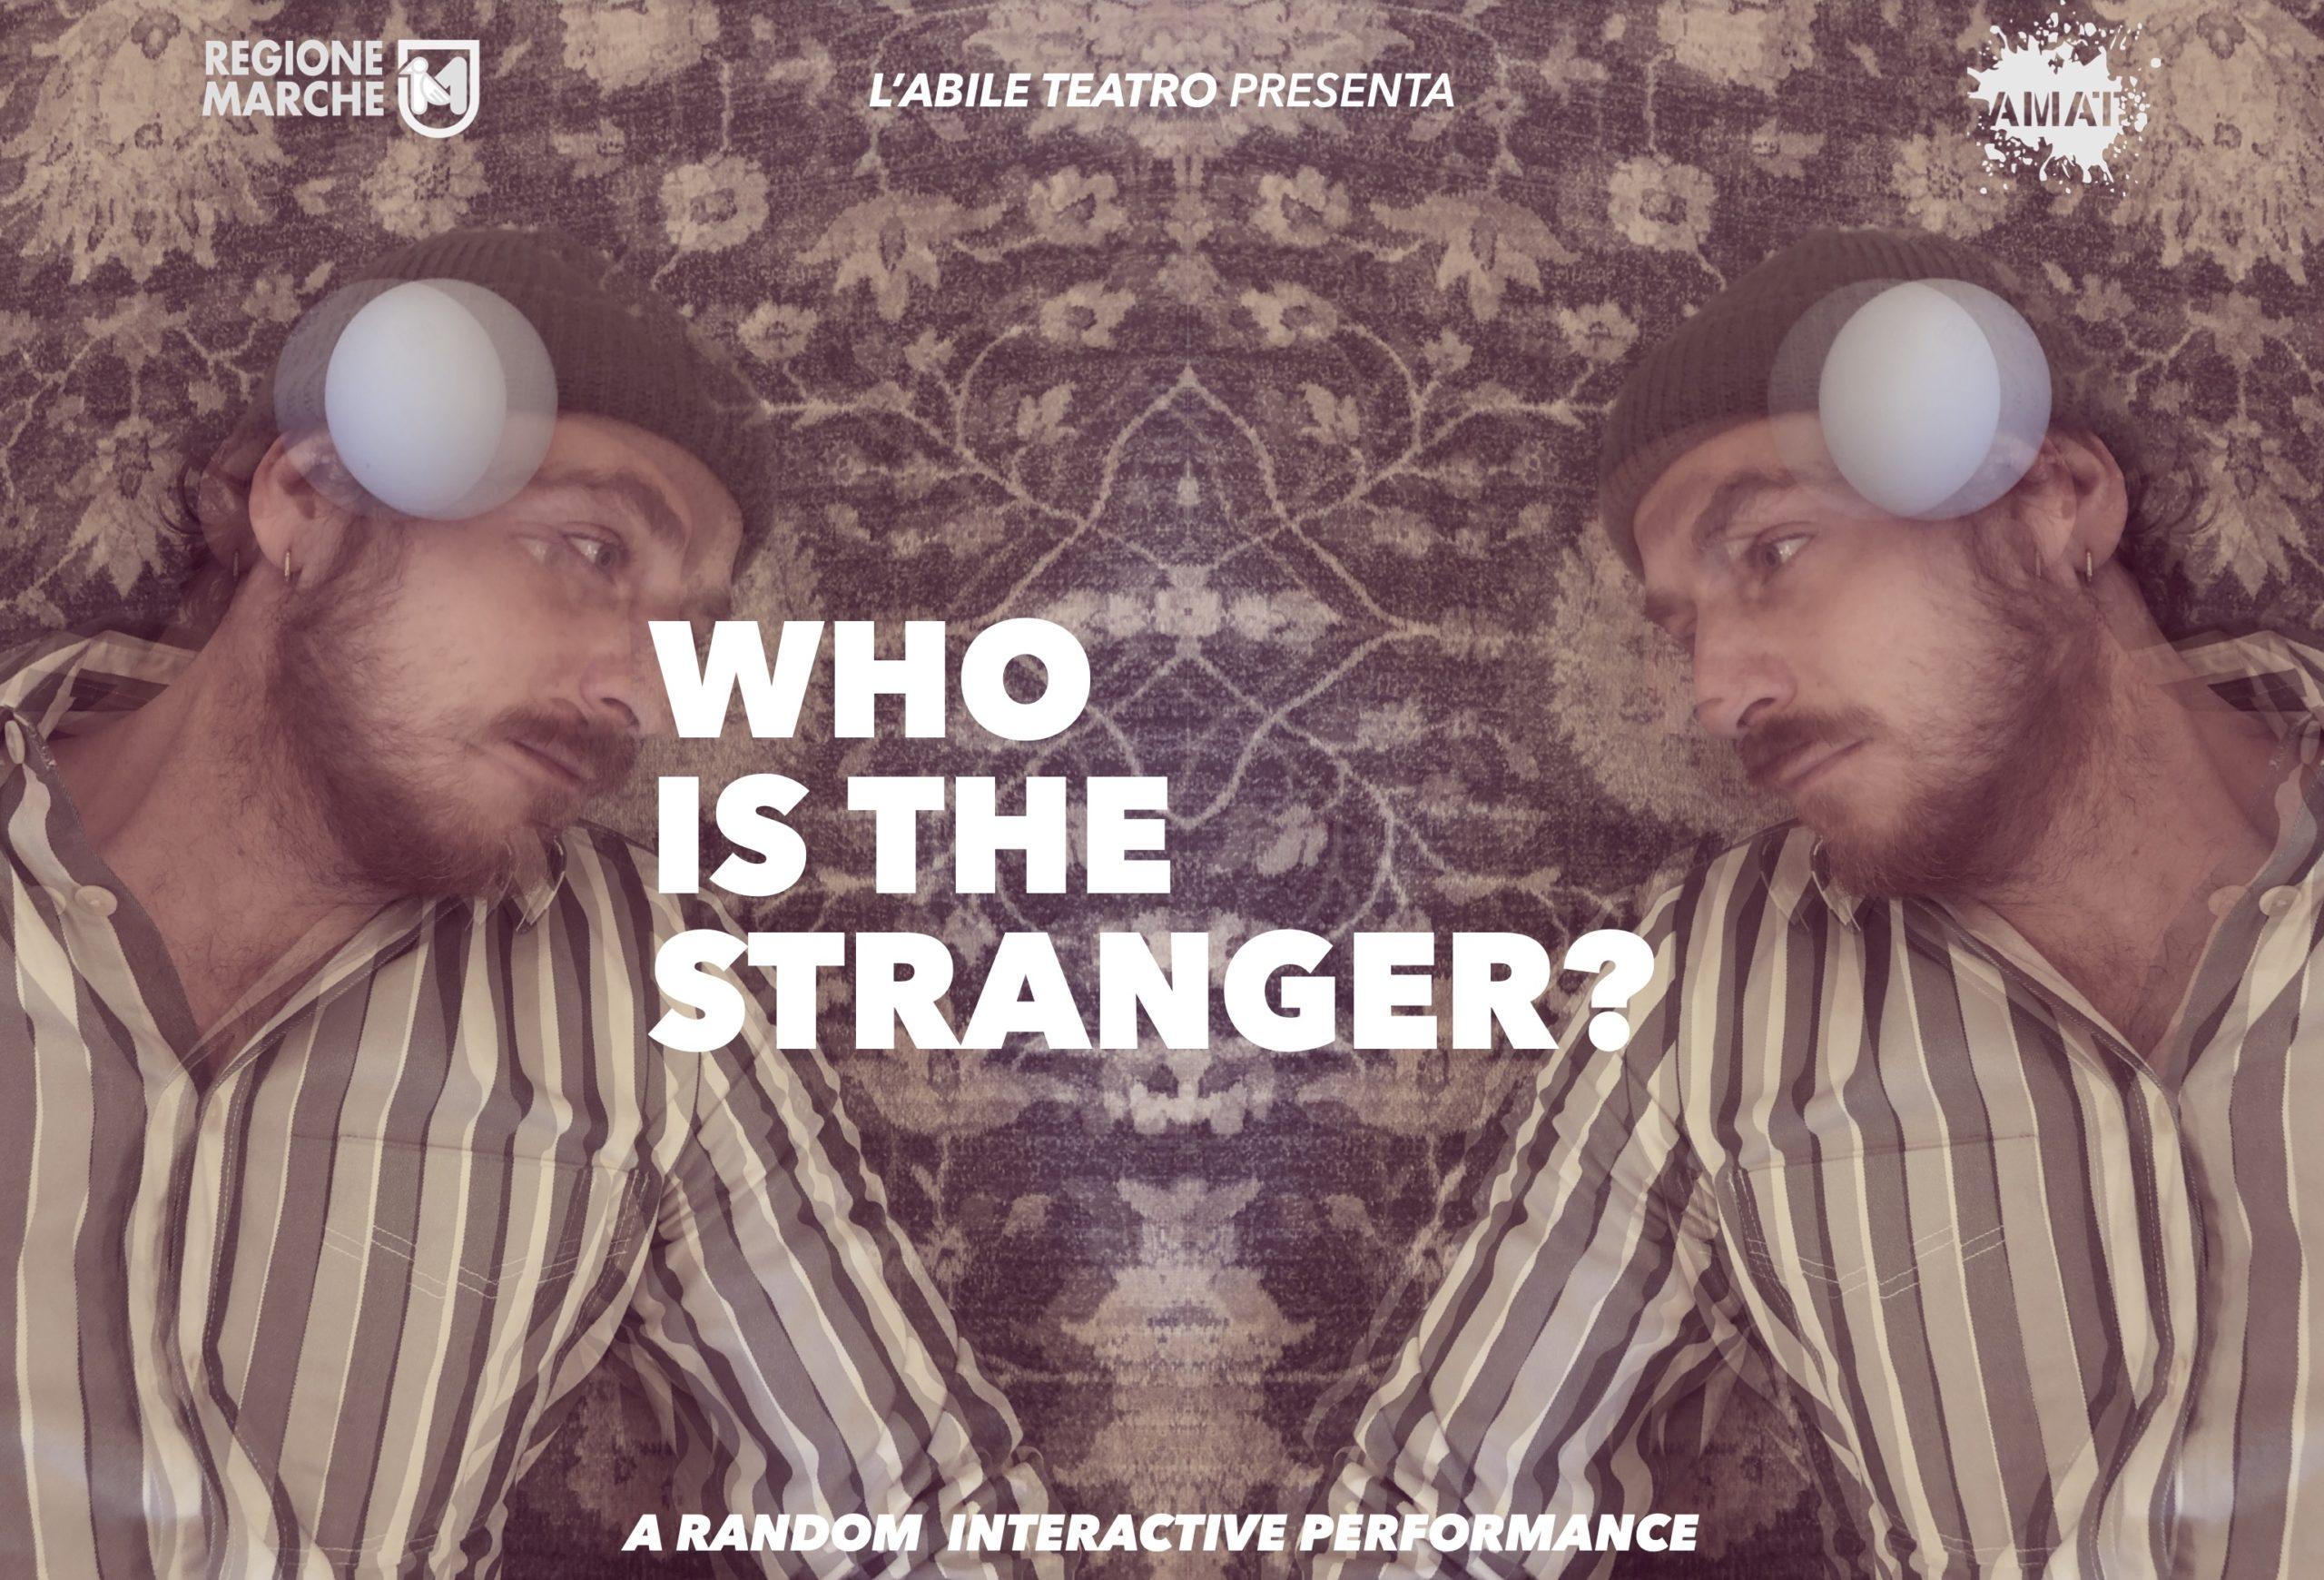 WHO IS THE STRANGER? di L'Abile Teatro